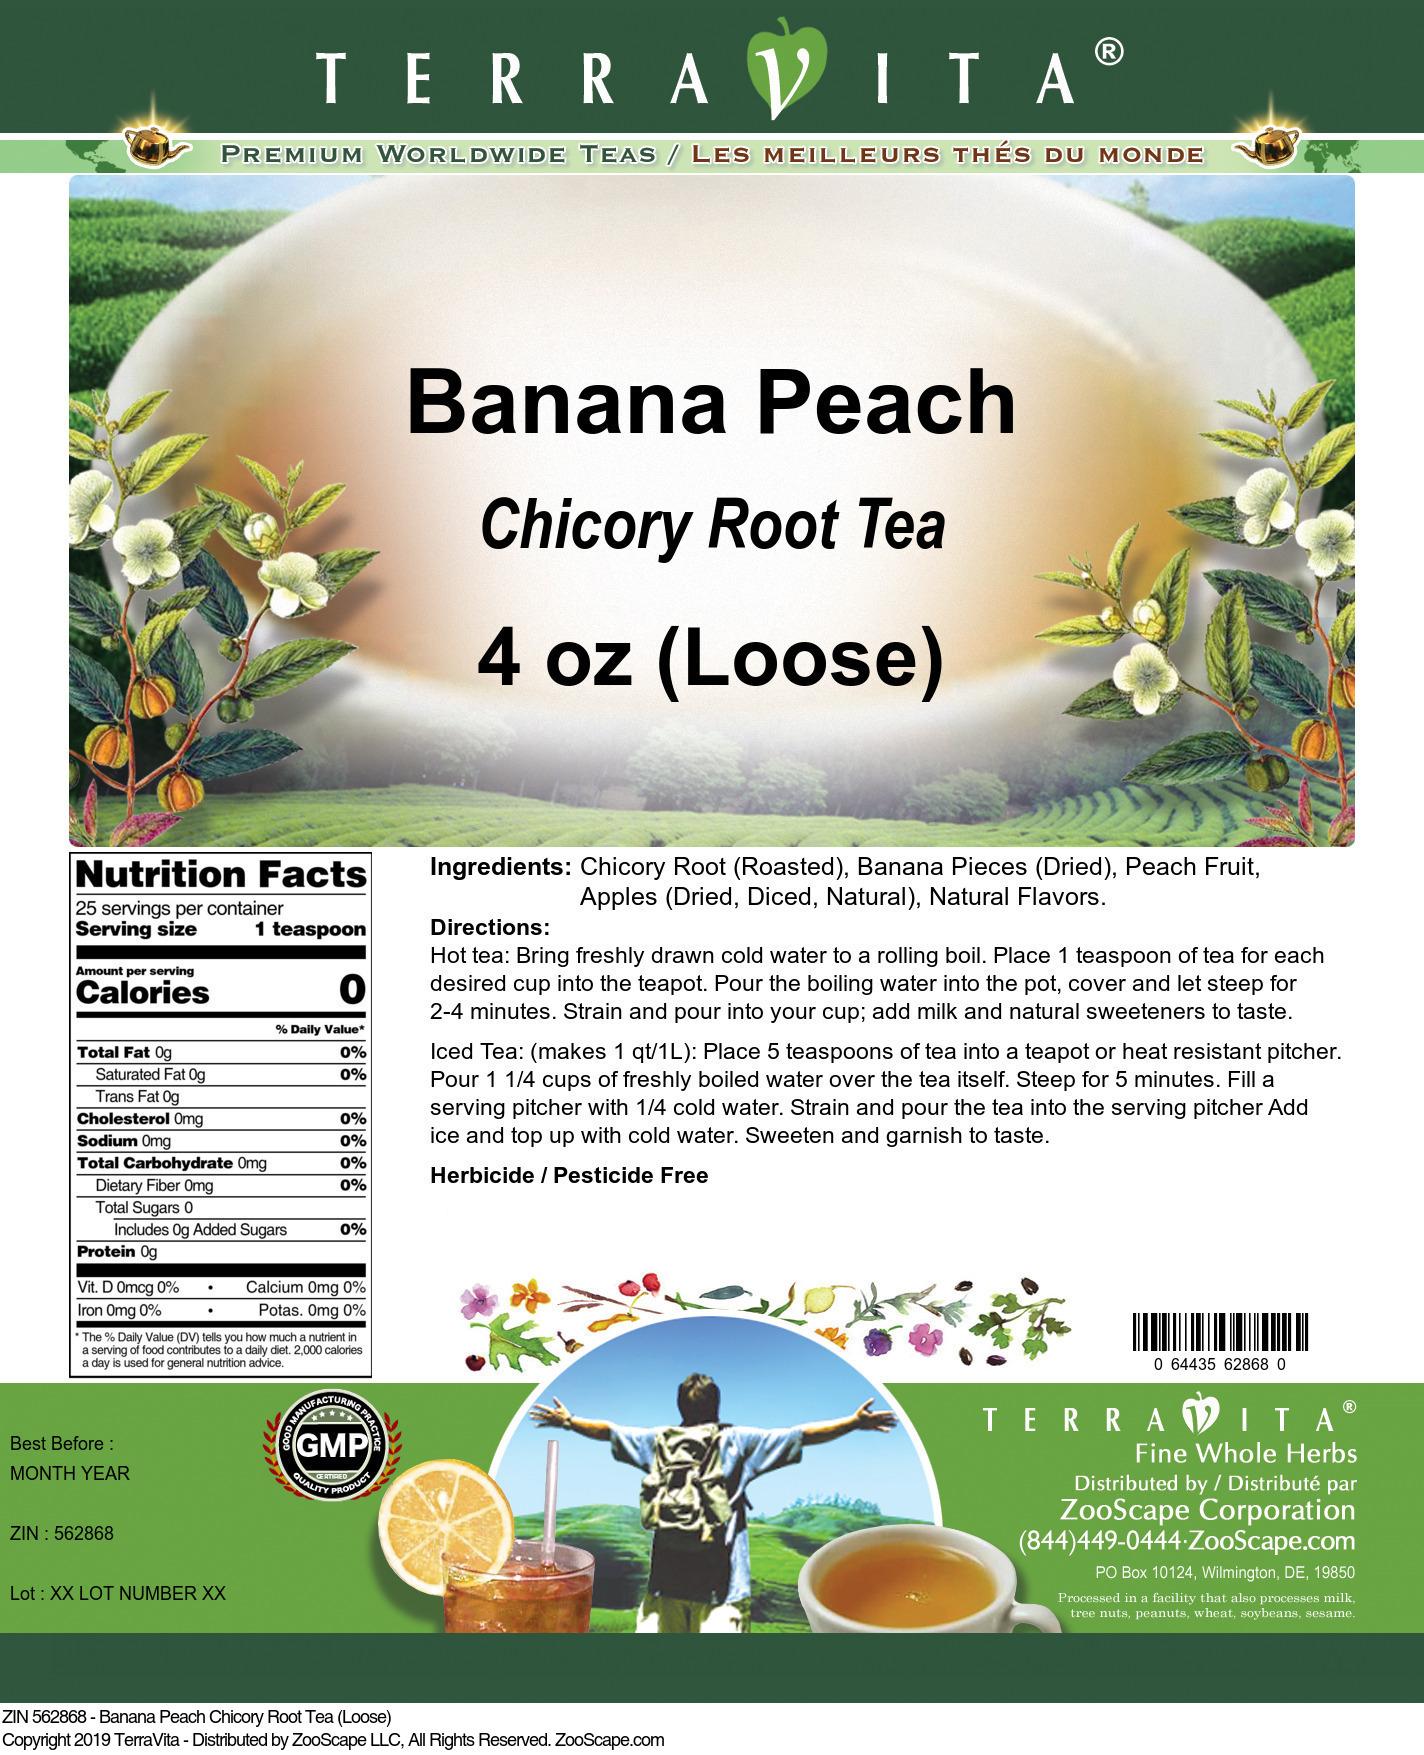 Banana Peach Chicory Root